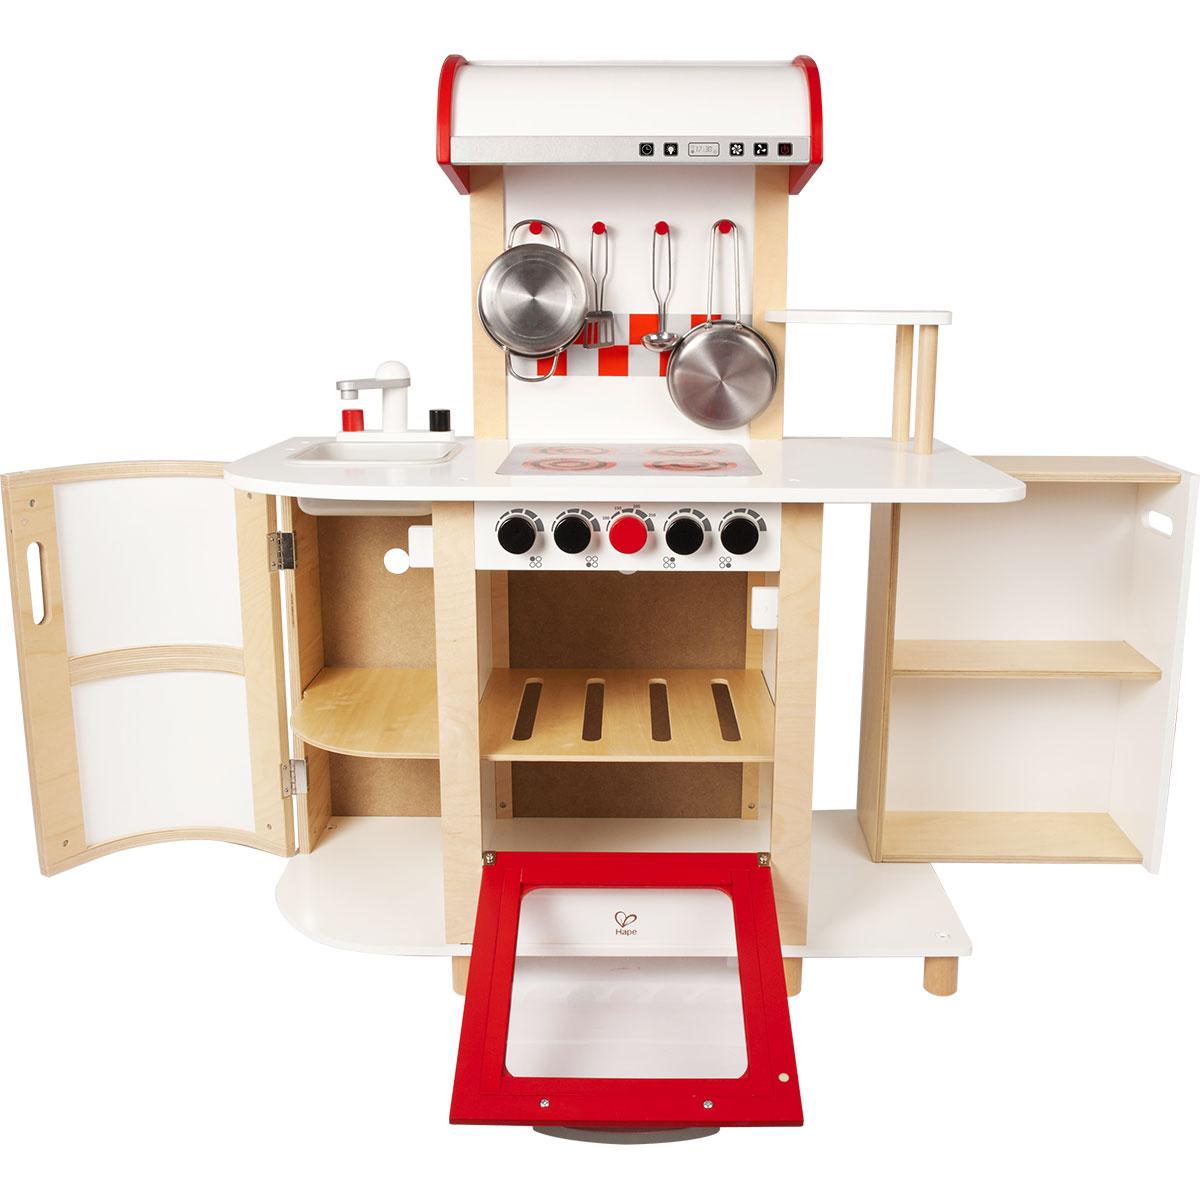 Hape e8018 cuisine multifonction en bois comparer avec for Cuisine hape